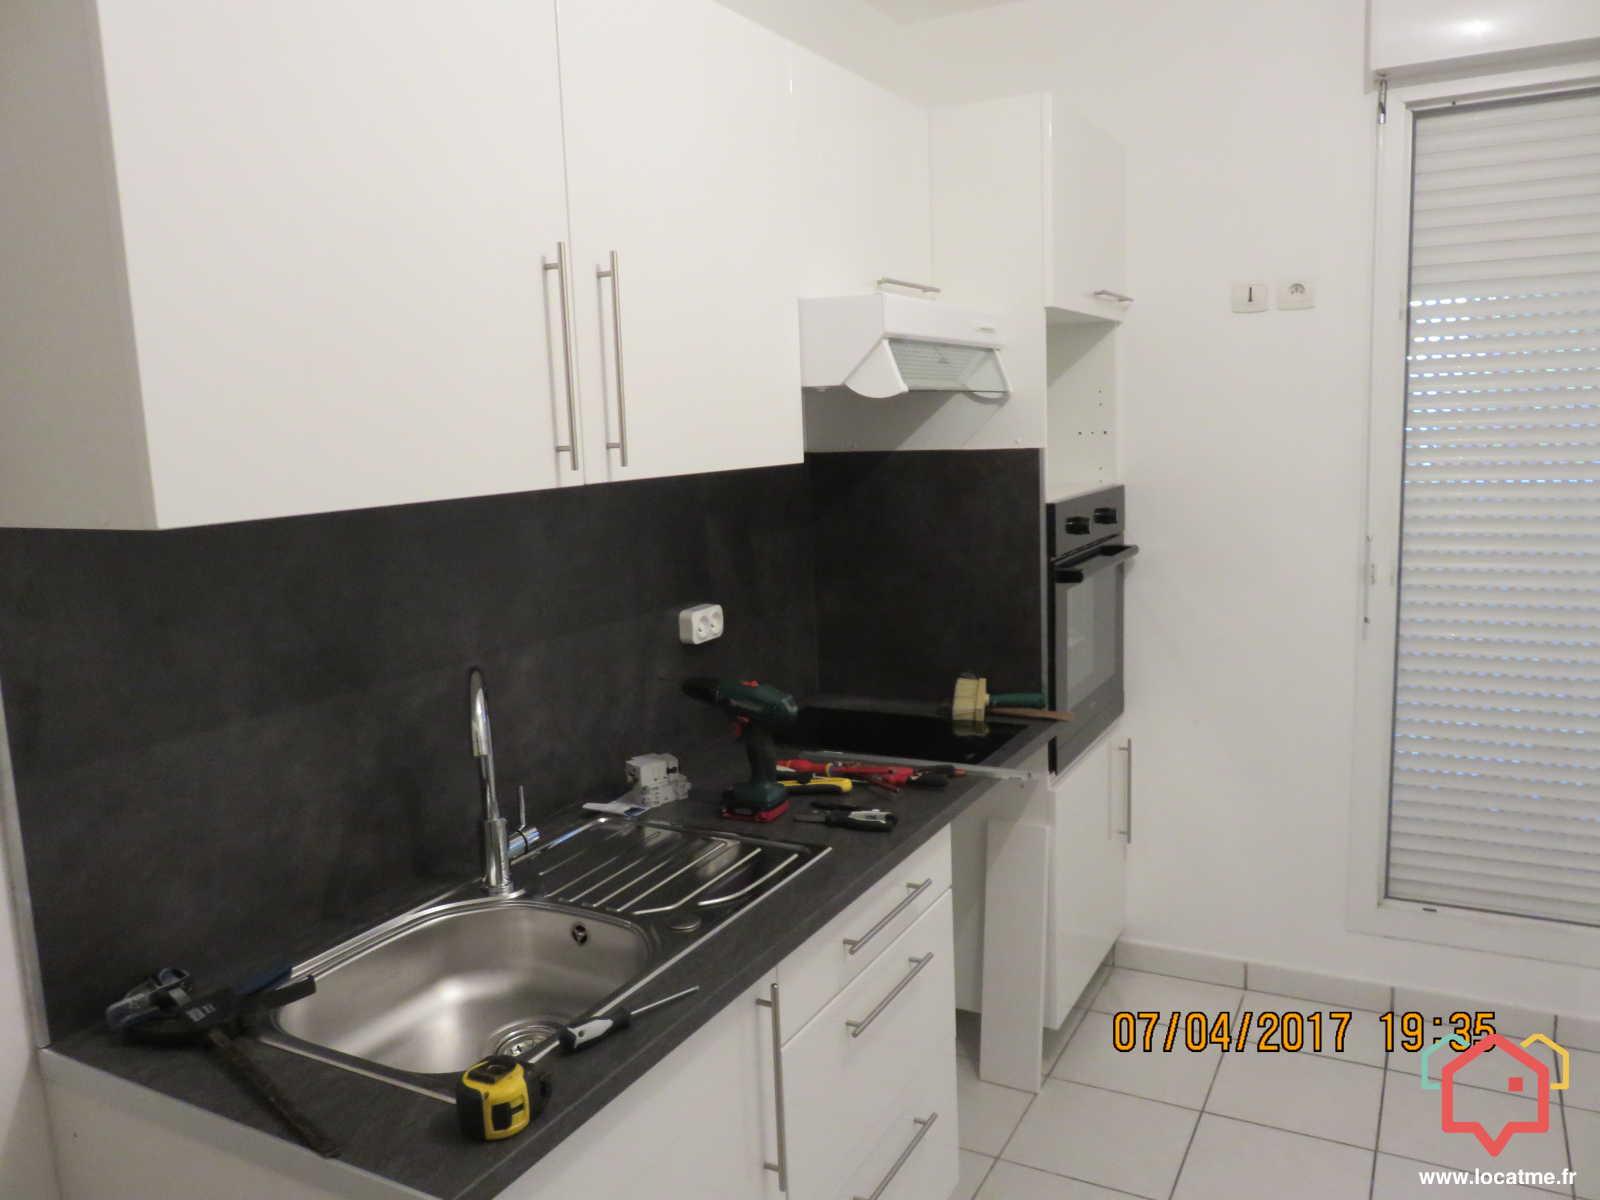 Location Appartement Non Meublé à Montpllier De Particulier à Particulier